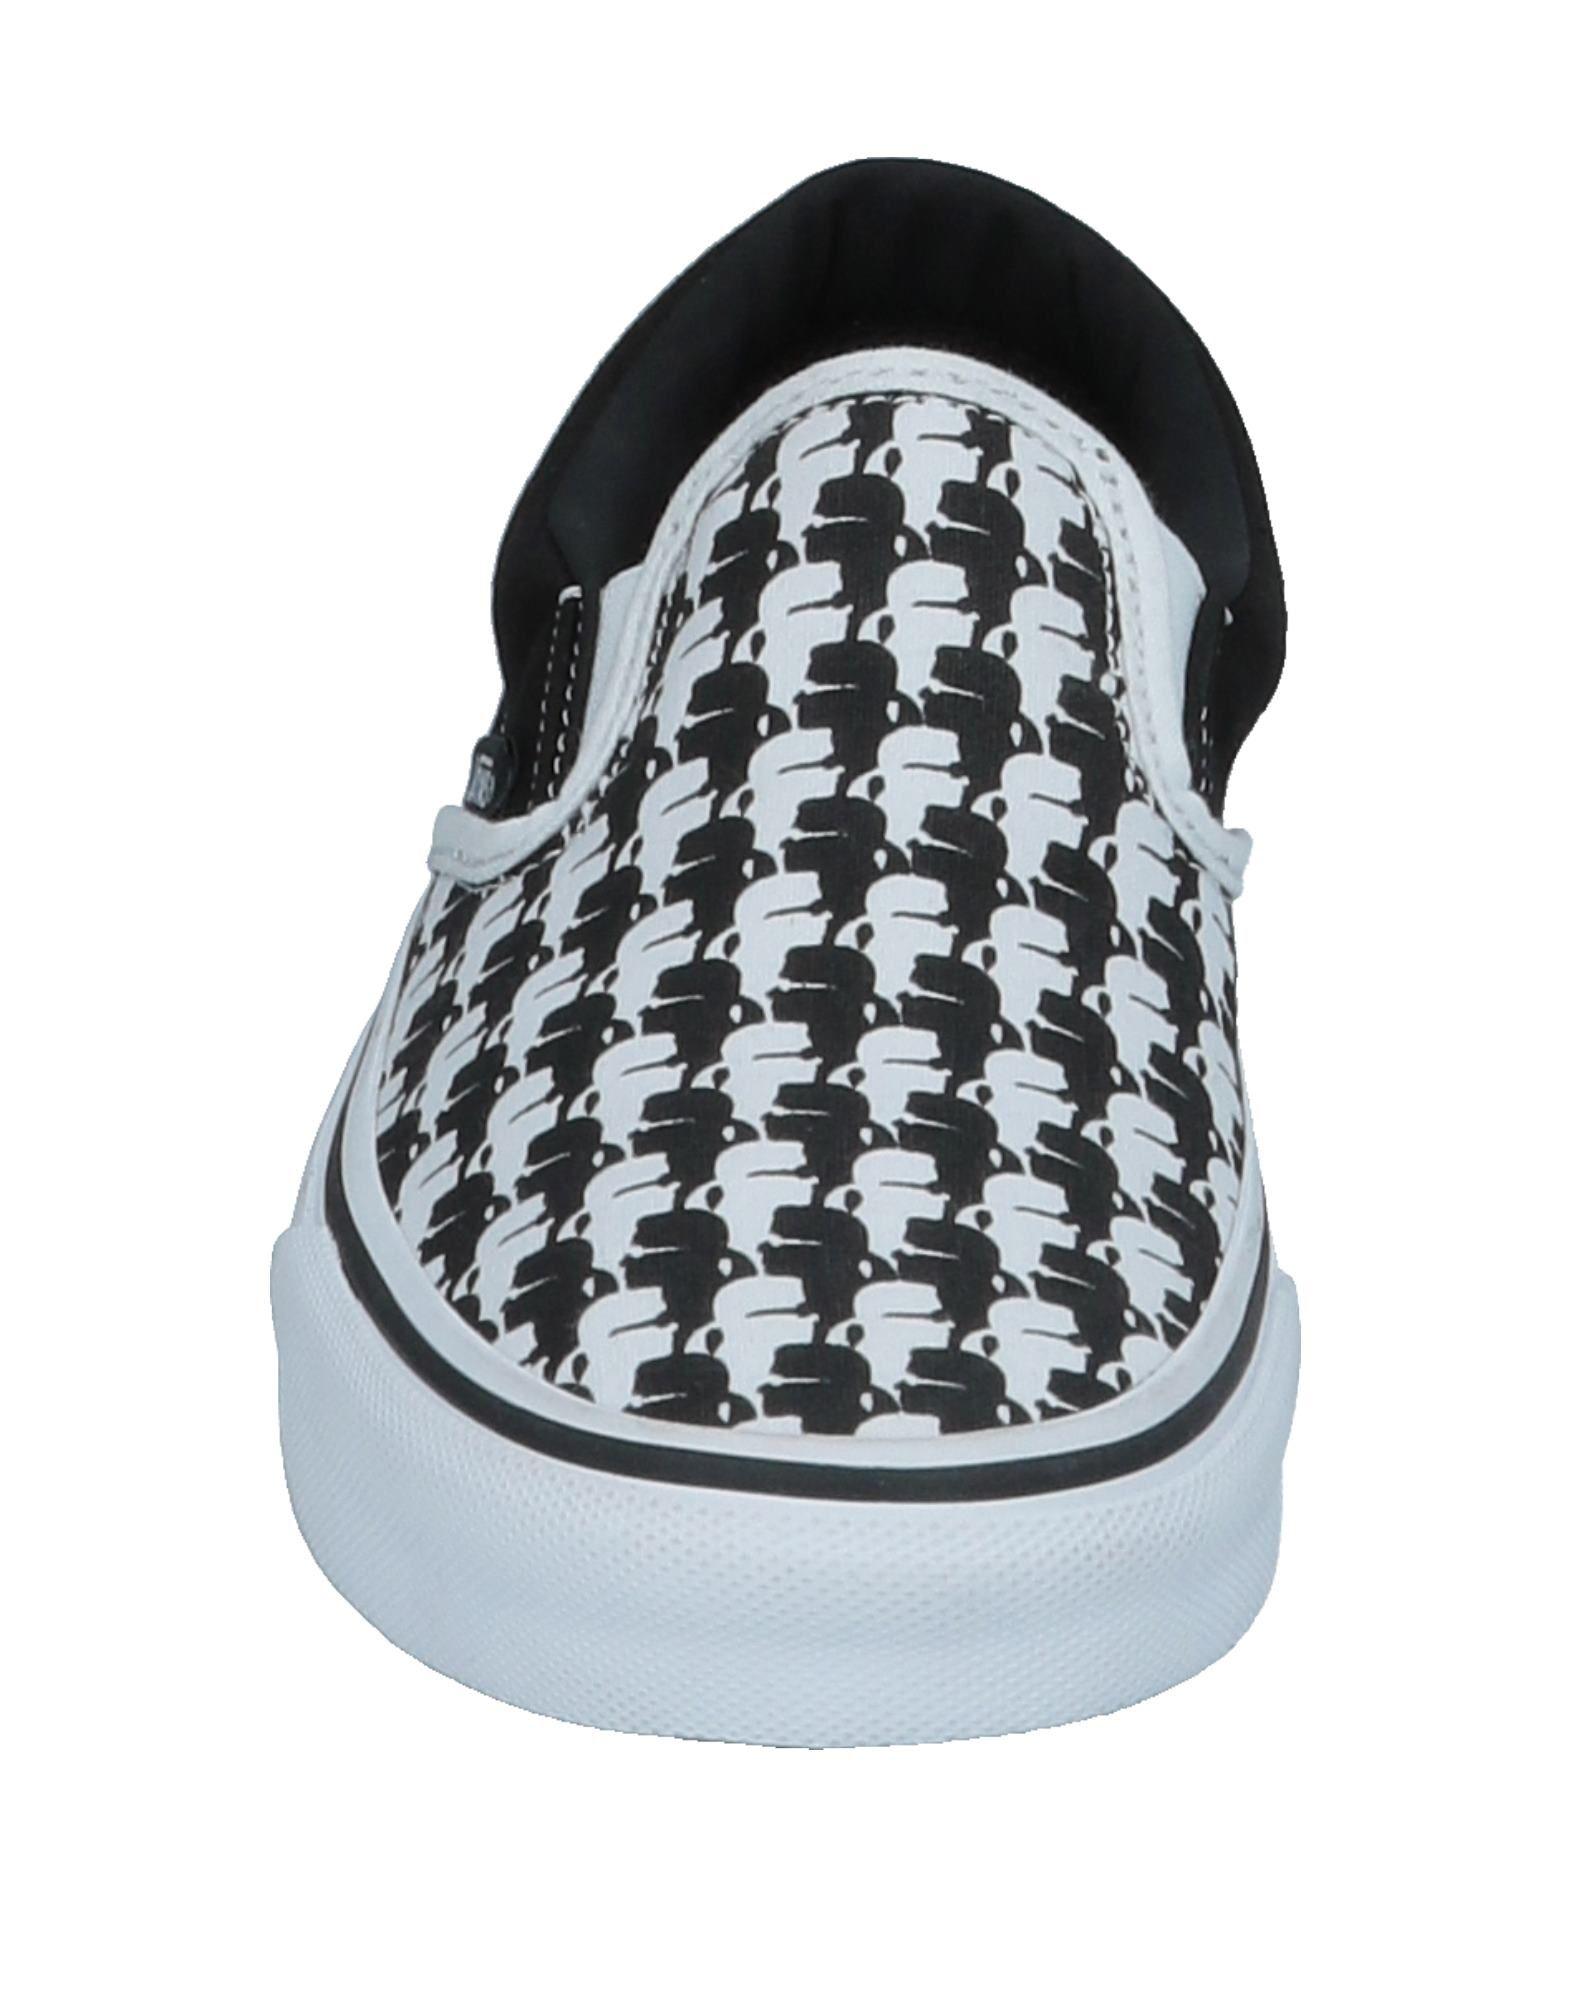 Vans X Karl Lagerfeld Sneakers Damen  Schuhe 11540547CO Gute Qualität beliebte Schuhe  5f4d25